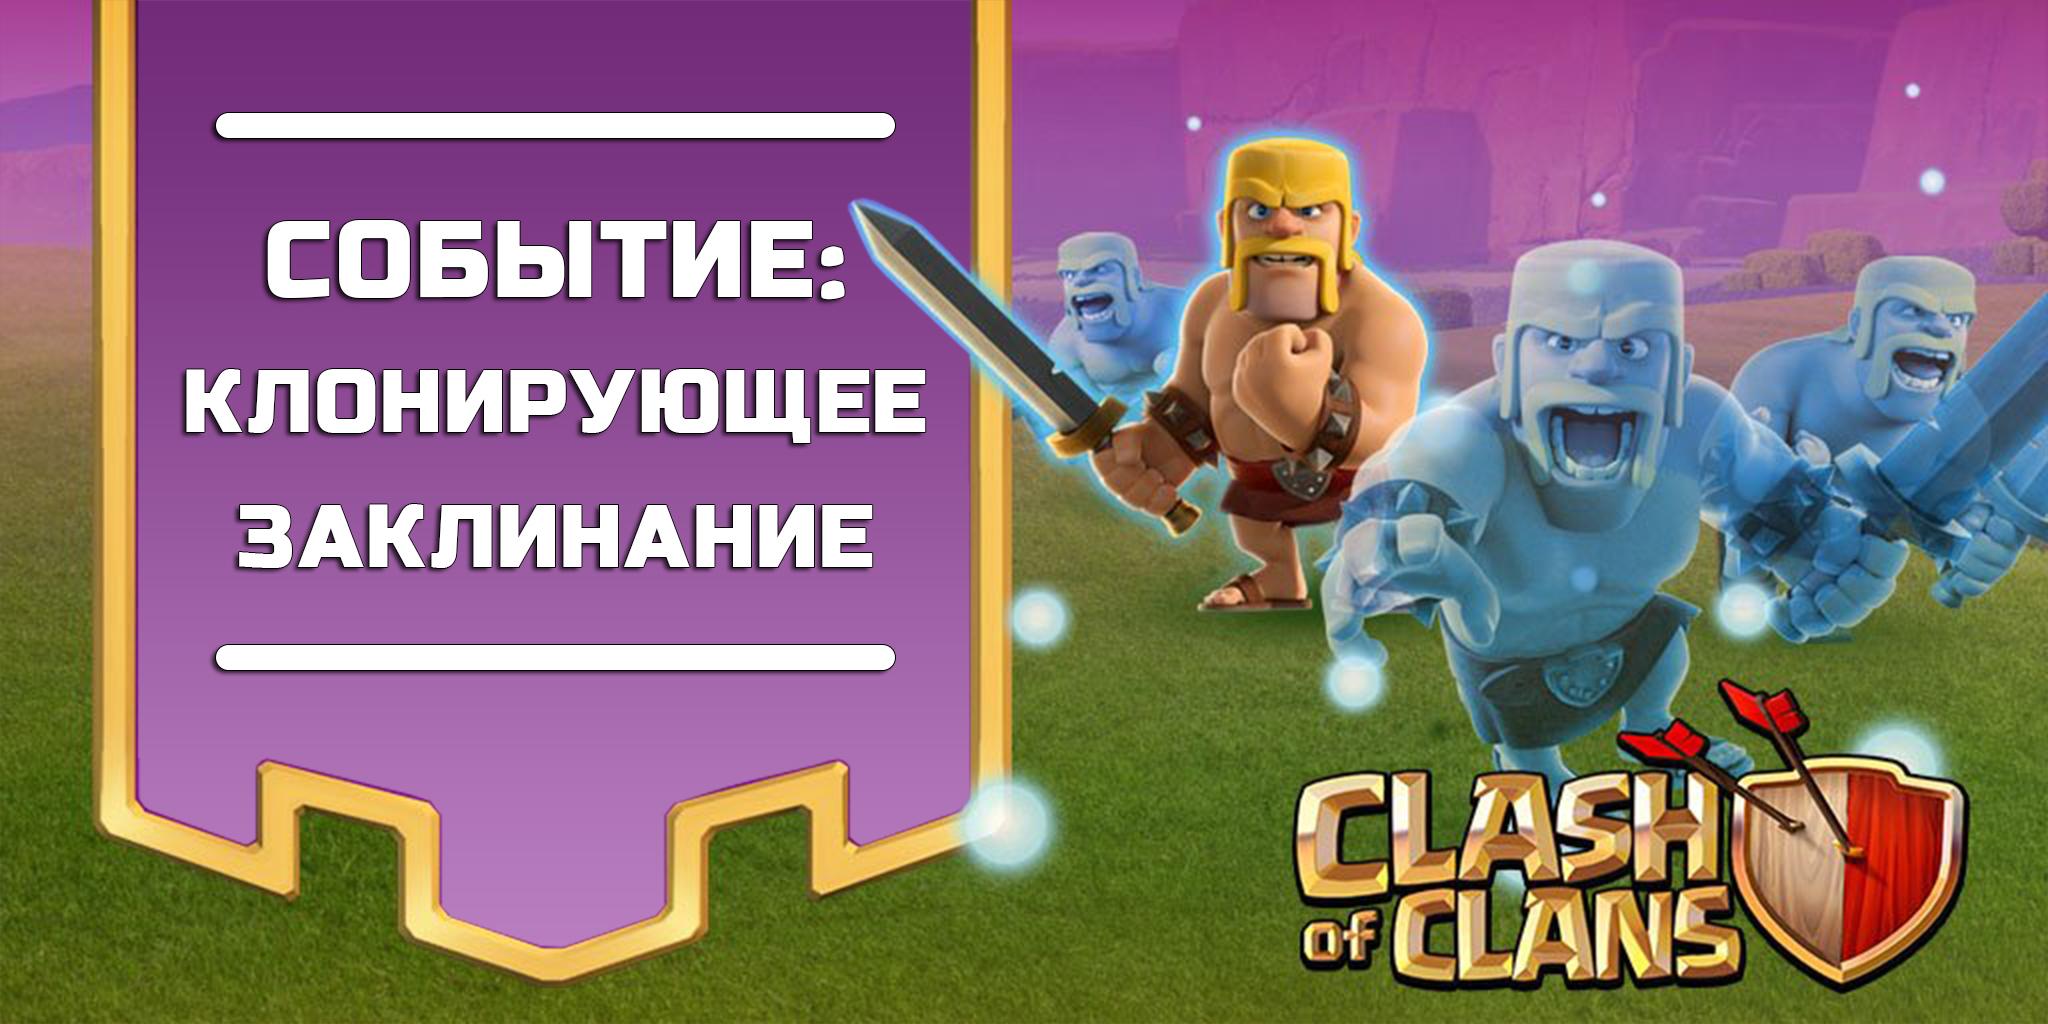 Событие: Клонирующее заклинание в Clash of Clans